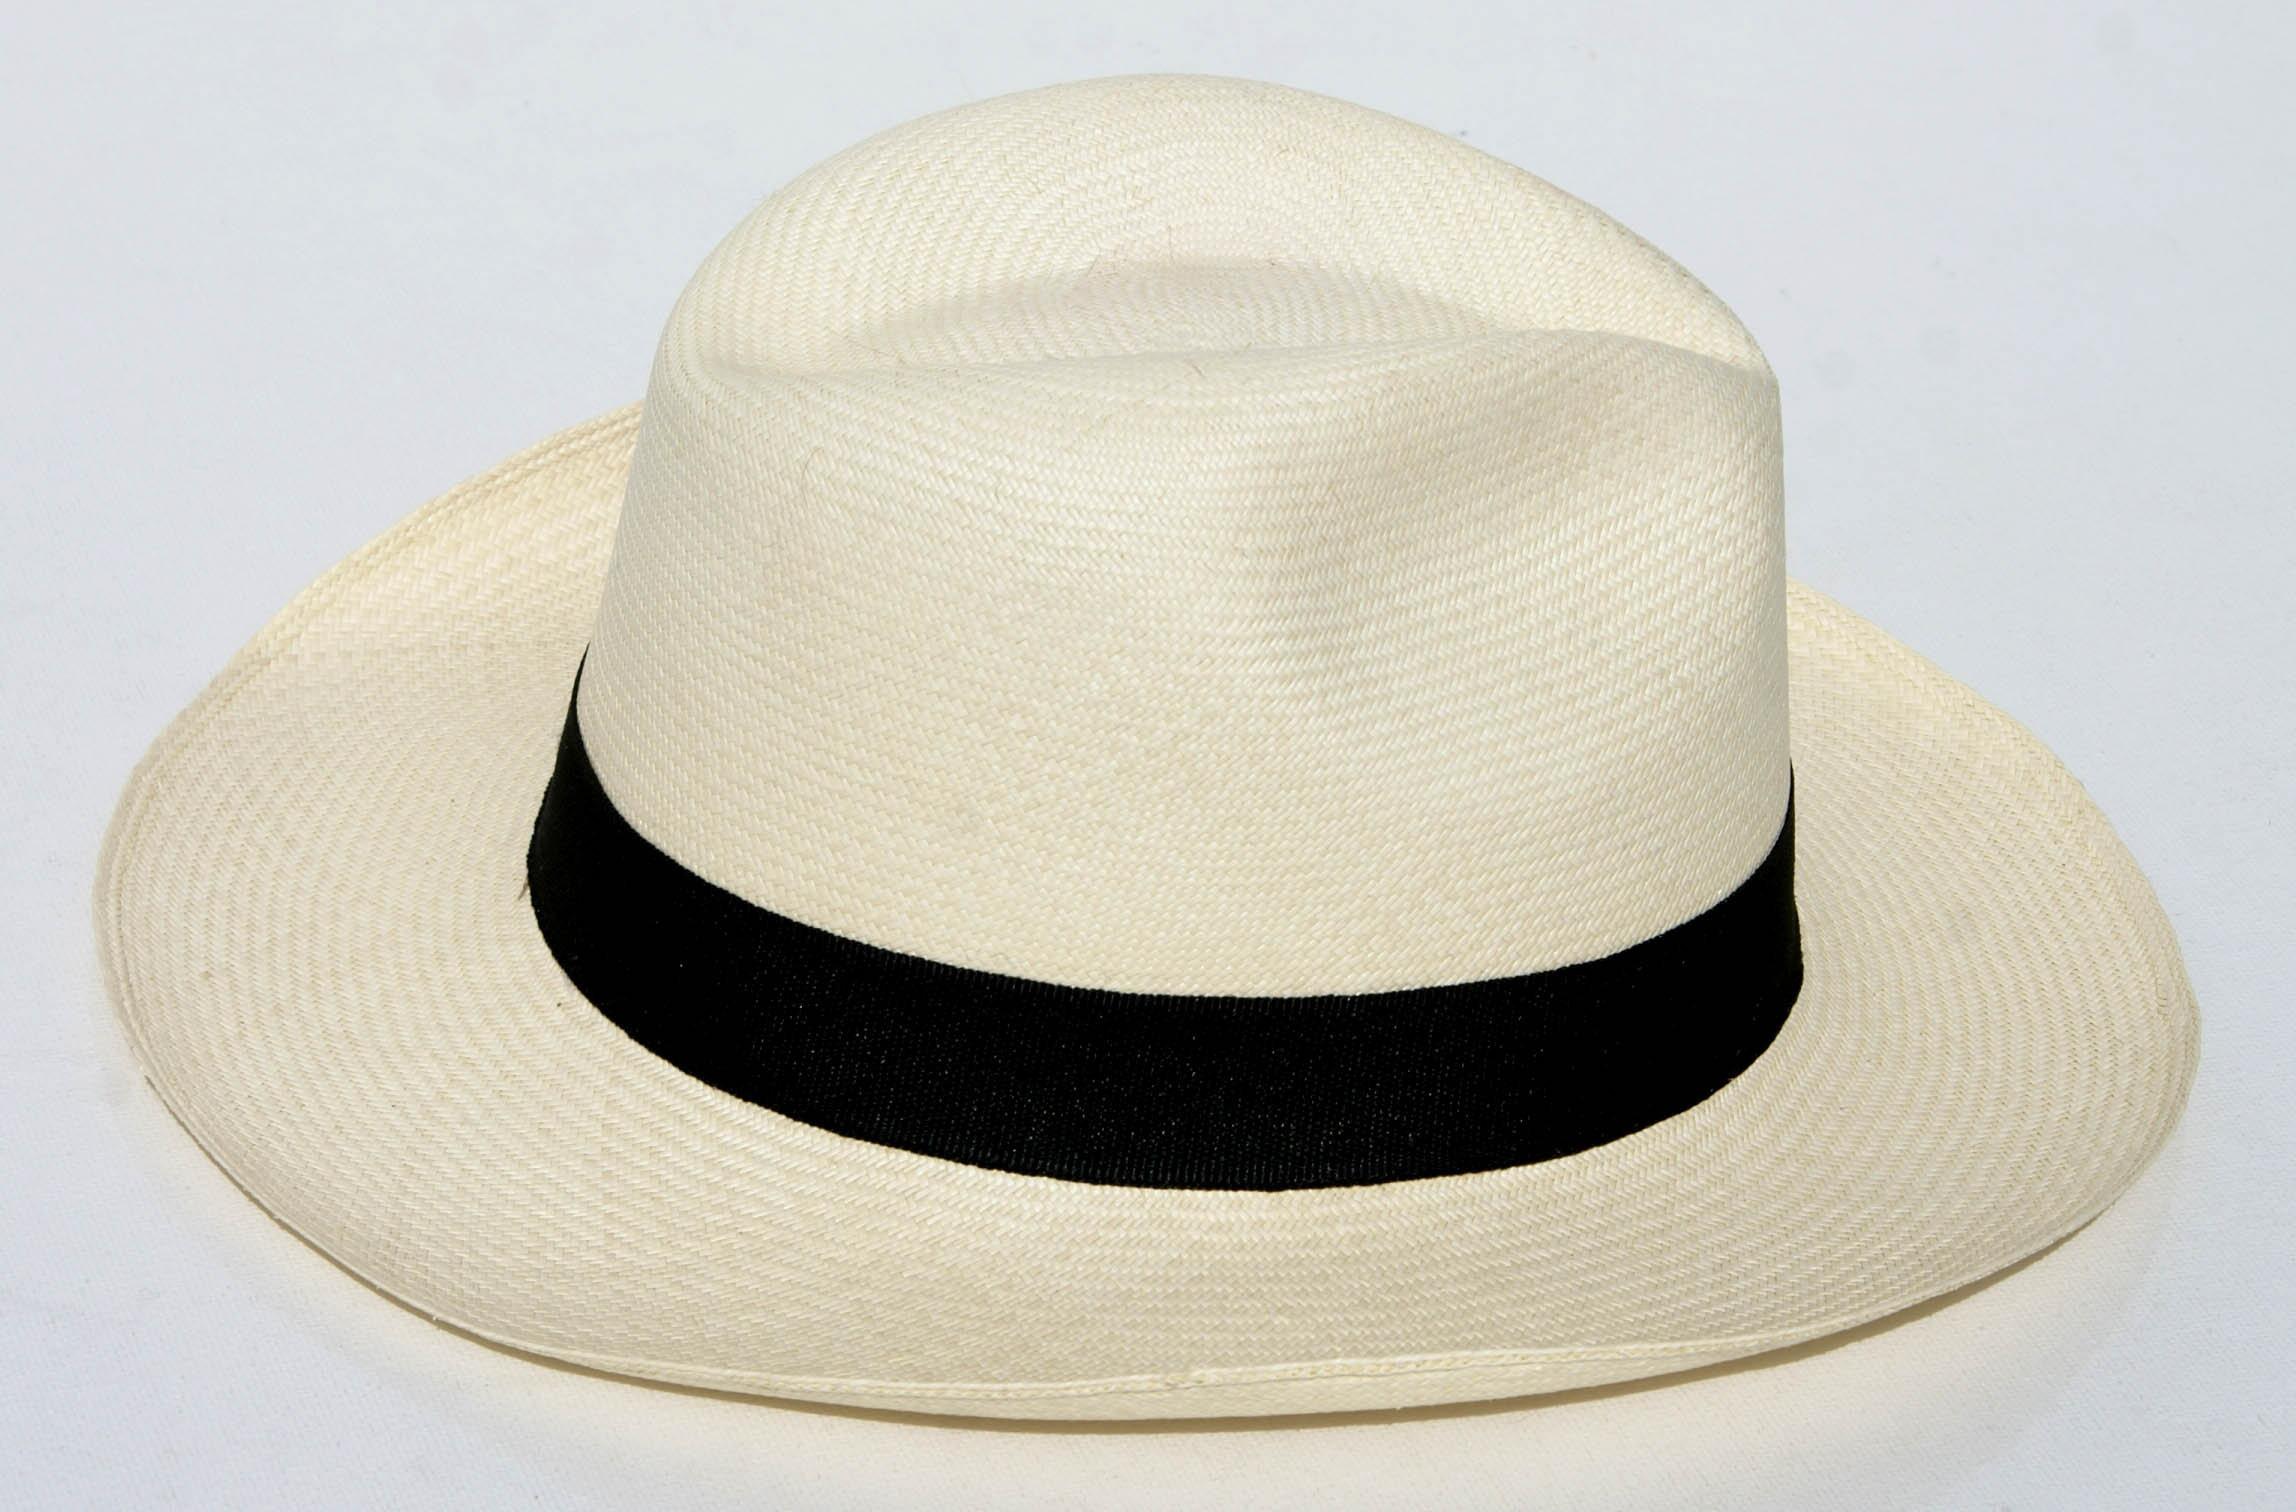 Super Witte oorspronkelijke panama hoed, zomer hoeden voor mannen, mens #WM72